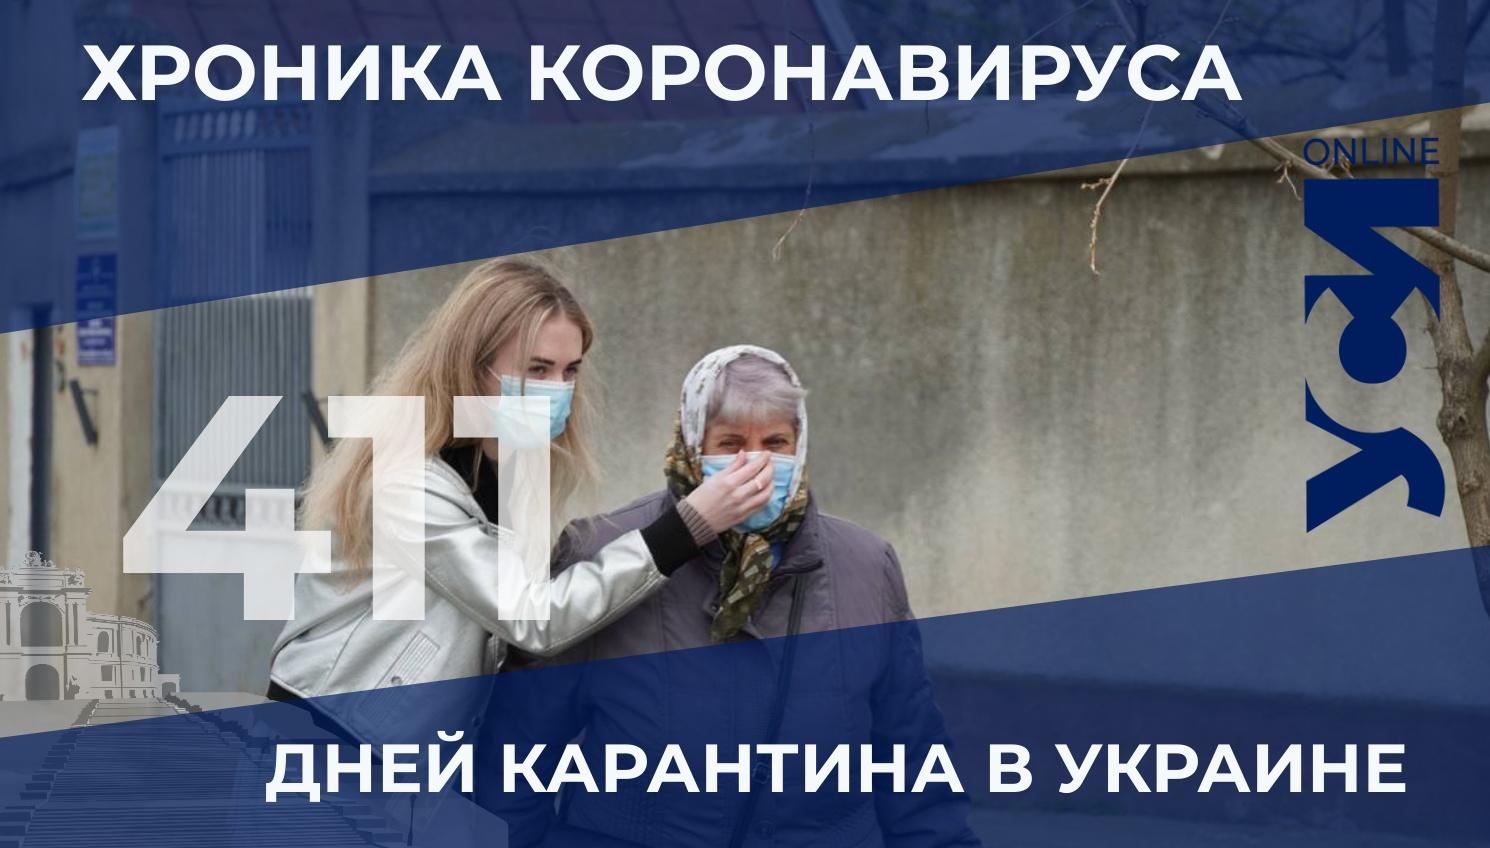 Хроника коронавируса: в Одесской области — 397 новых заболевших «фото»